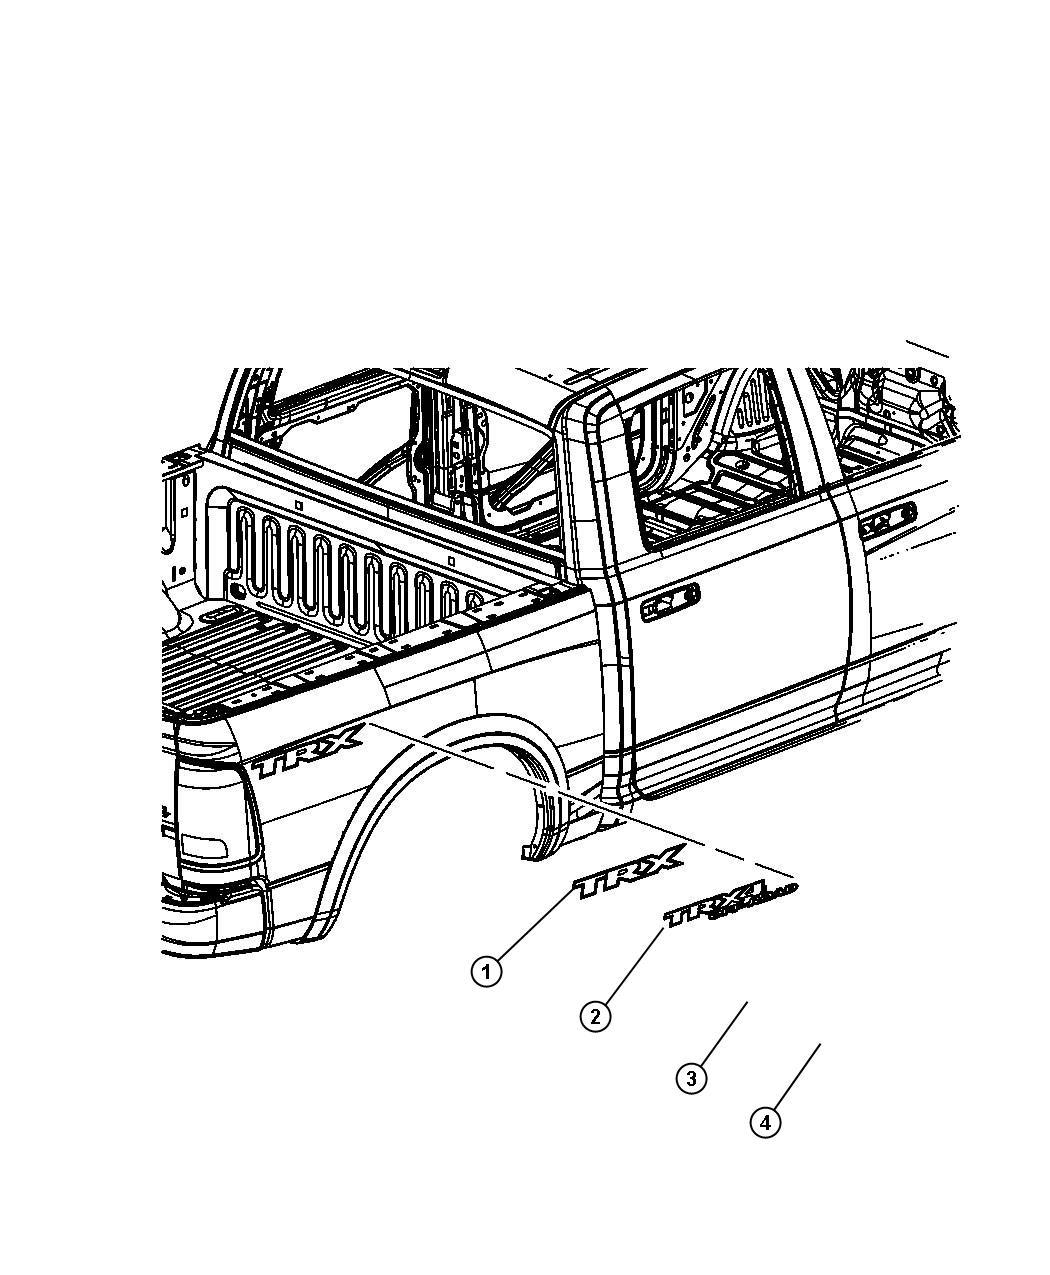 2011 Dodge Ram 1500 Decal. Outdoorsman. [outdoorsman